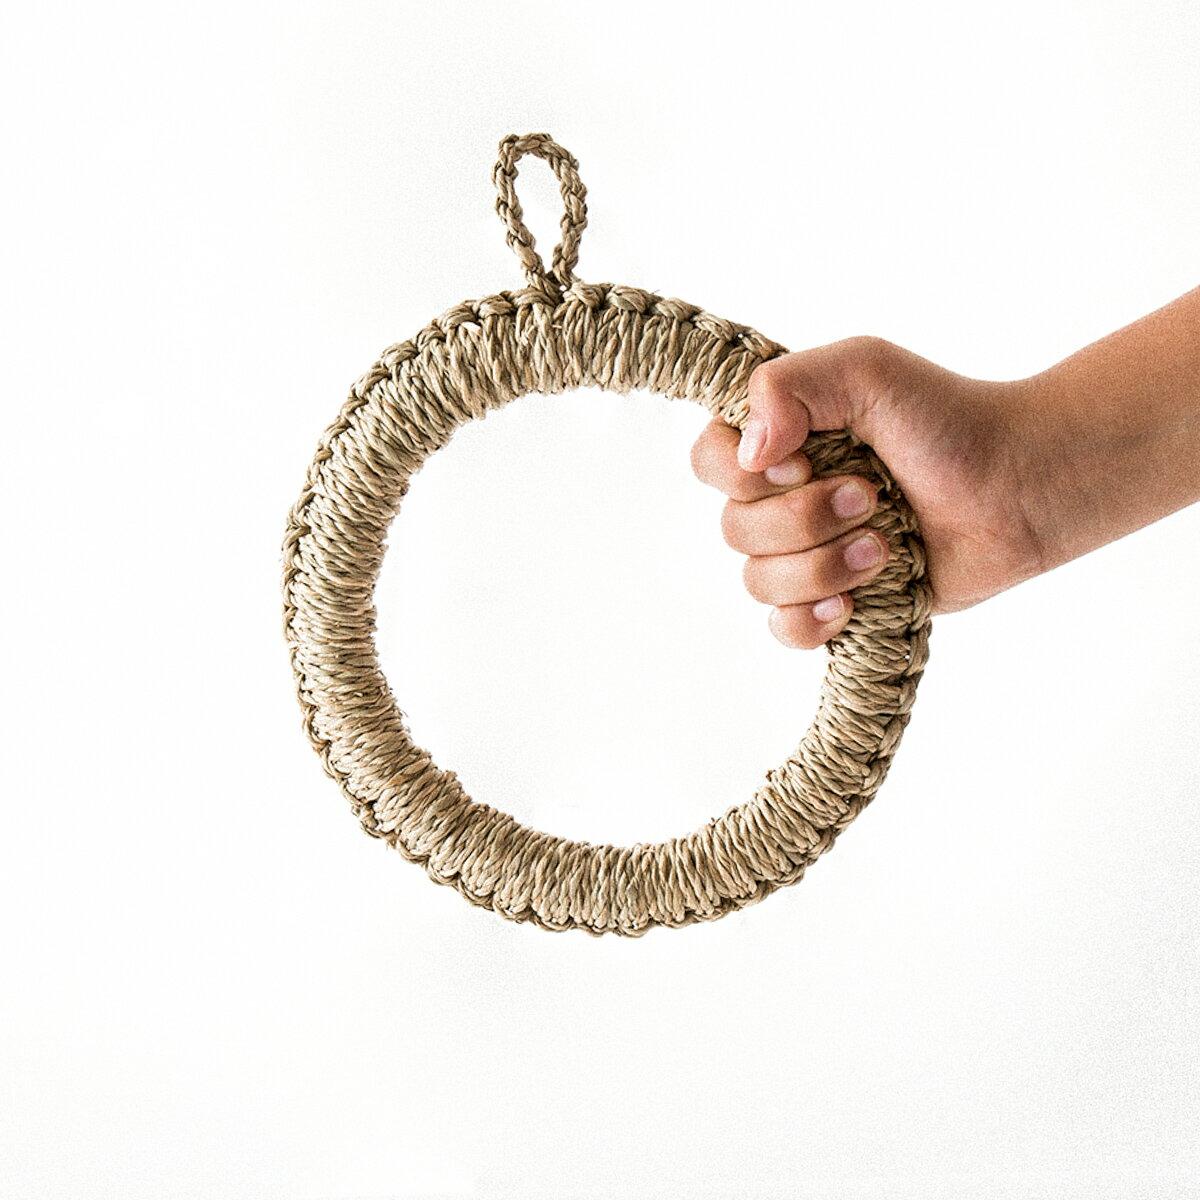 鍋敷き 鍋しき [《メール便可》イ草鍋敷 Φ180mm] キッチン#SALE_TB